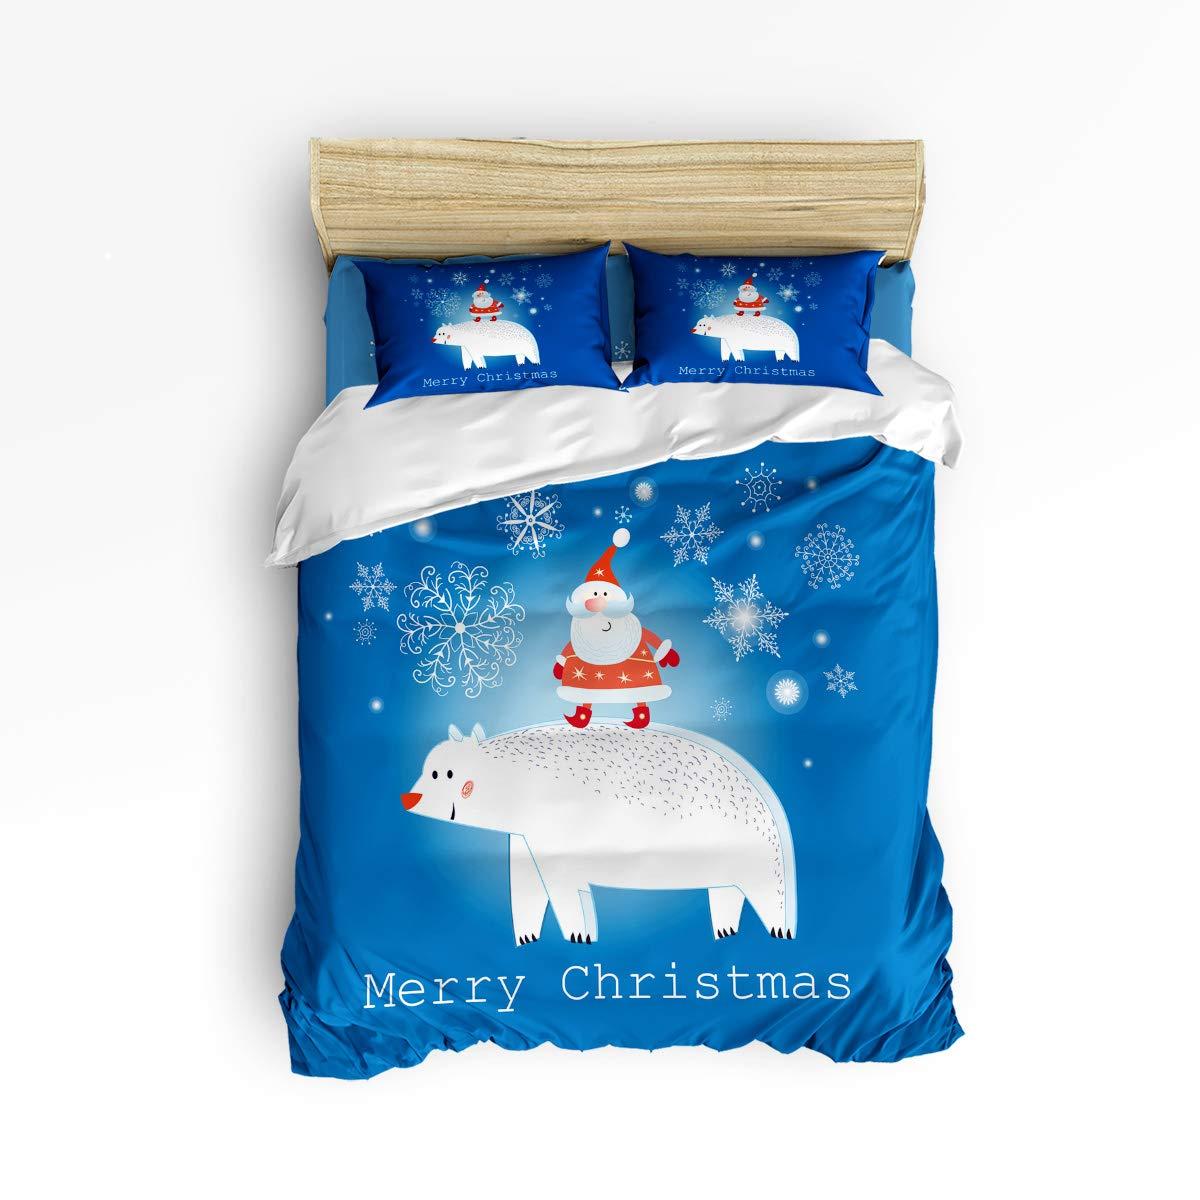 メリークリスマステーマサンタクロース布団カバー寝具4点セット 枕カバー2枚 ウルトラソフト 低刺激性マイクロファイバー(掛け布団なし) キング 20181116LTTTMSJTBCSSWTQ00547SJTDTMY B07KW773BY Santaclaus43tmy4158 キング